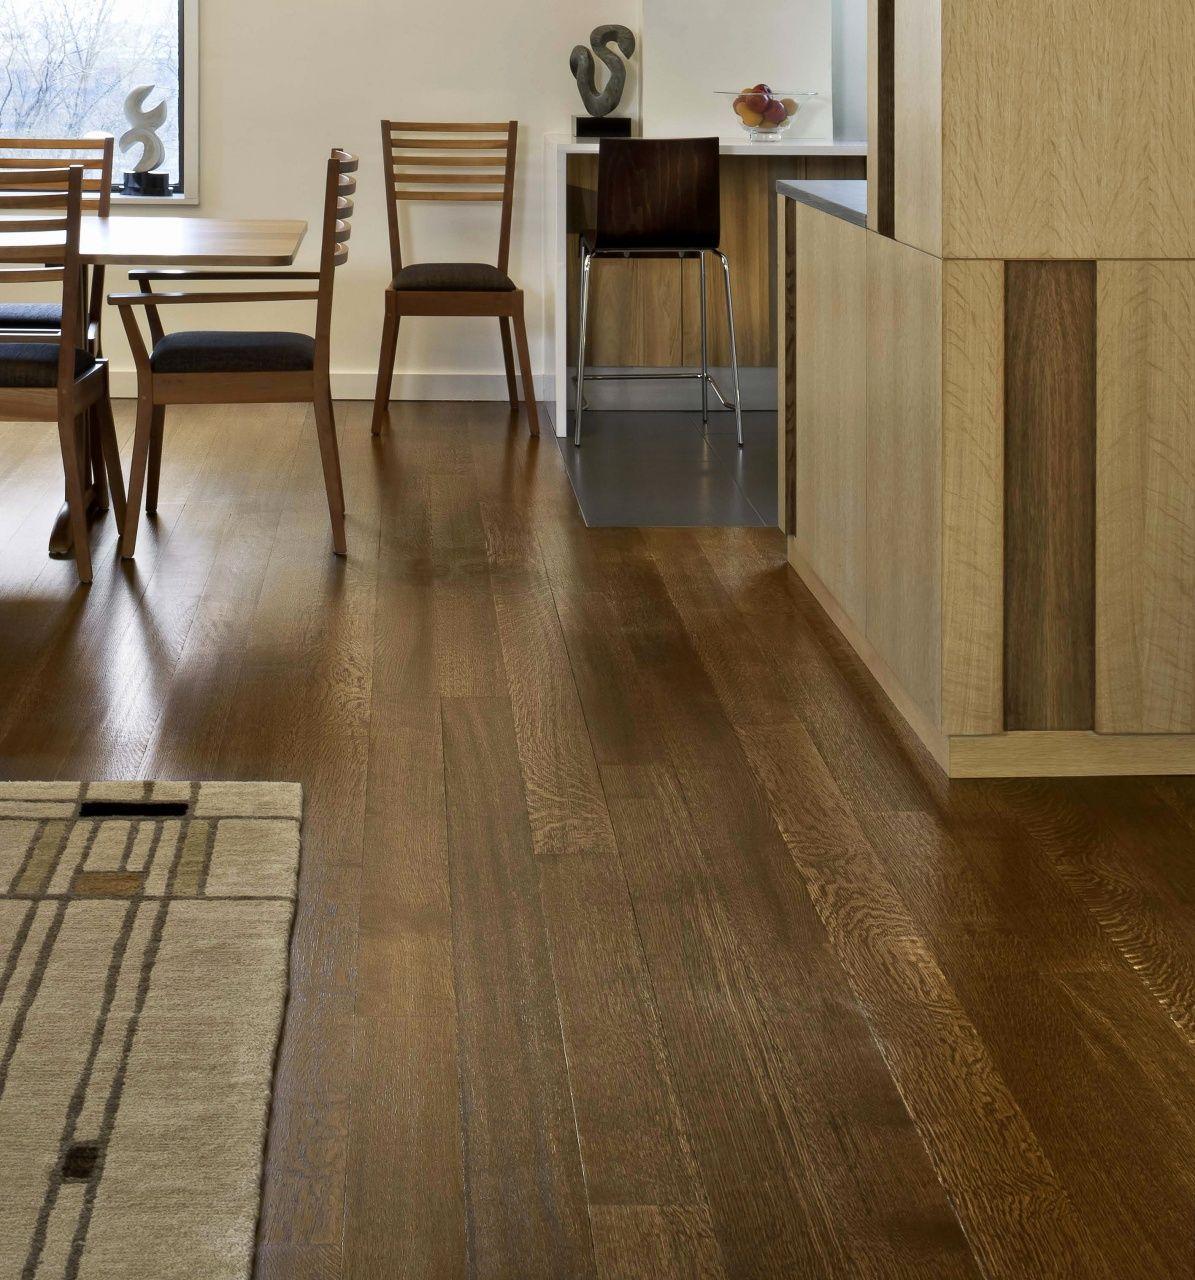 Vinyl Plank Flooring Pros And Cons In 2020 Wood Floors Wide Plank Engineered Wood Floors Luxury Vinyl Plank Flooring